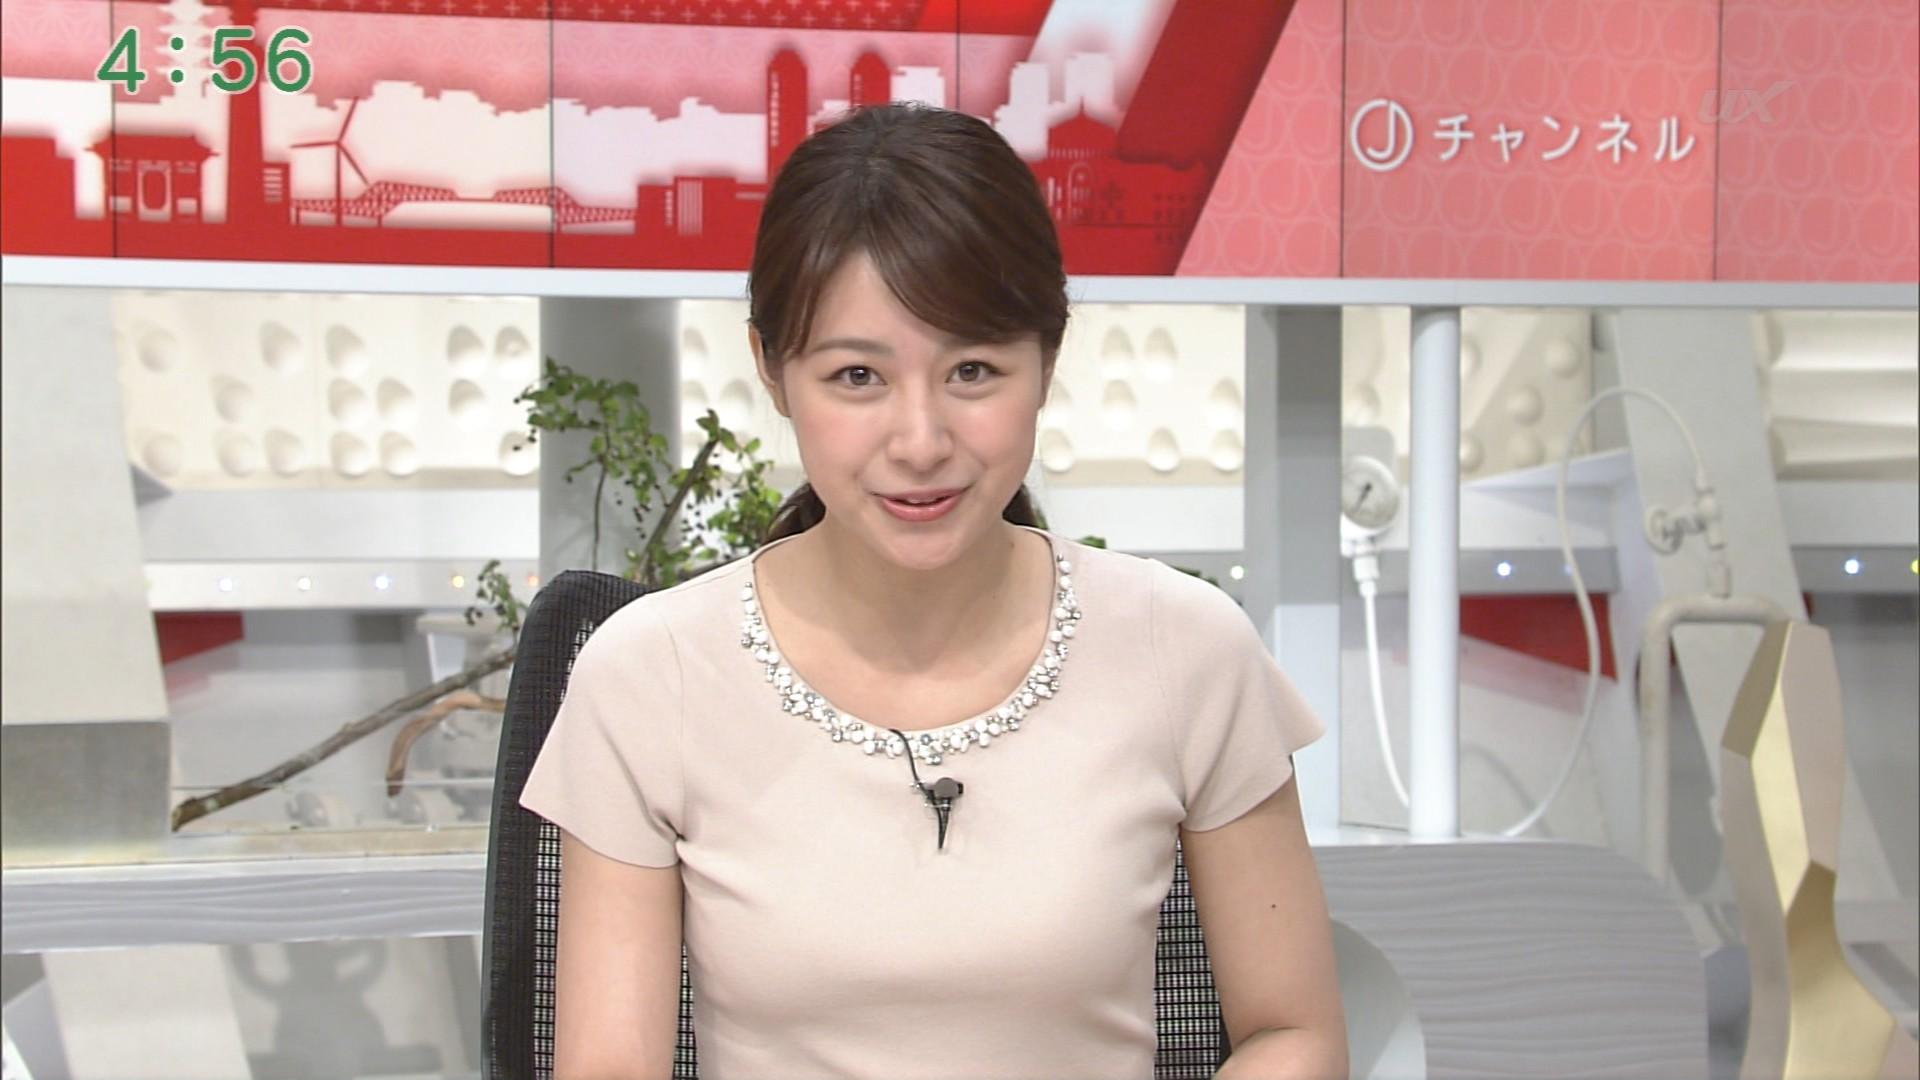 林美沙希アナ、おっぱい強調衣装! 竹内由恵アナ、ノースリーブ!